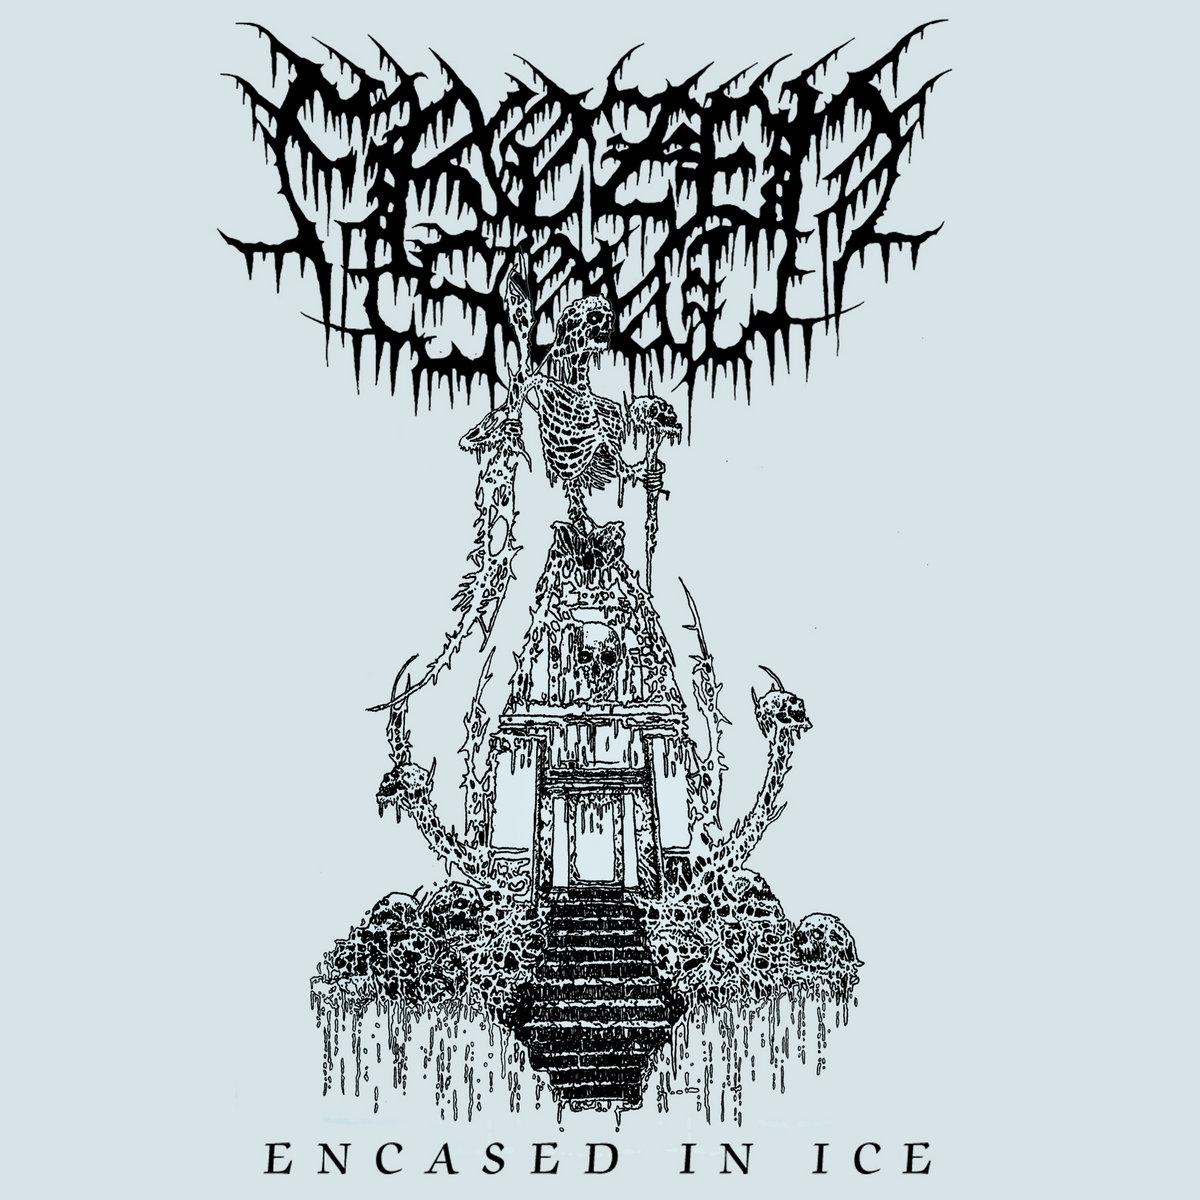 美國老派死金樂團 frozen soul 釋出EP新曲 Encased in Ice